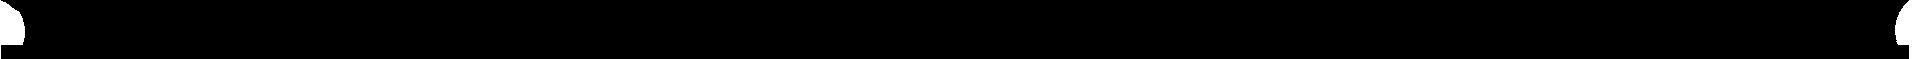 ombra01